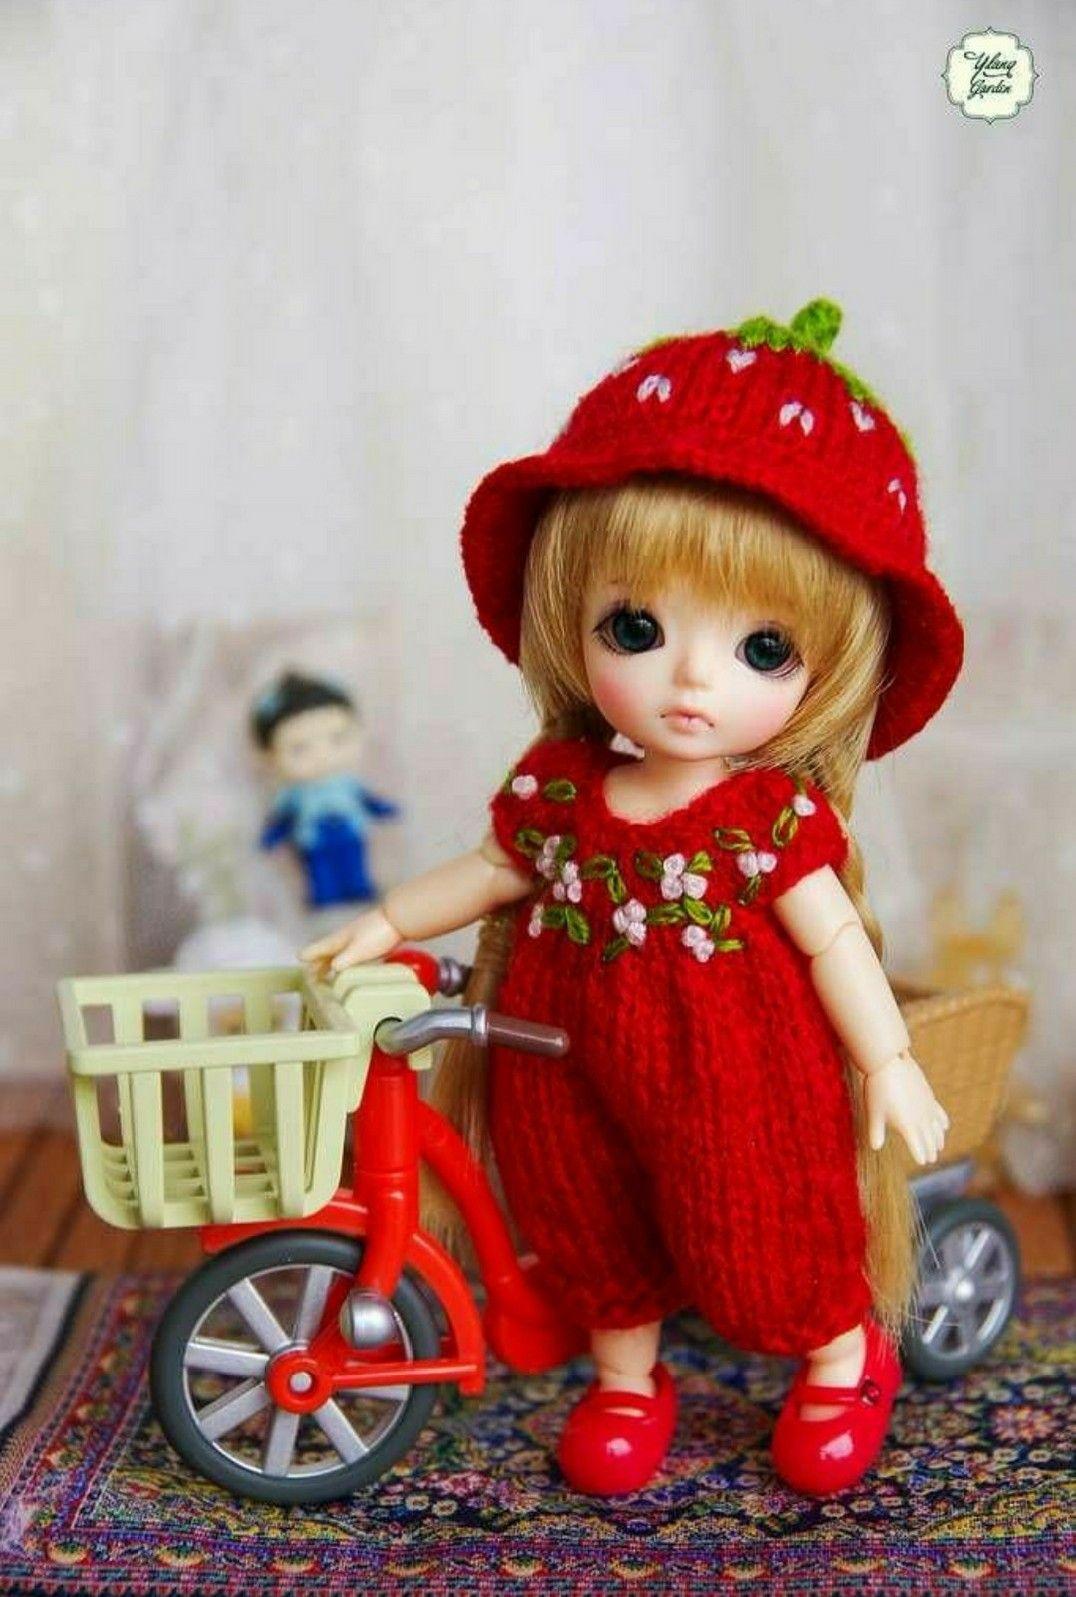 Sweet Cute Baby Dolls Cute Love Cartoons Cute Dolls